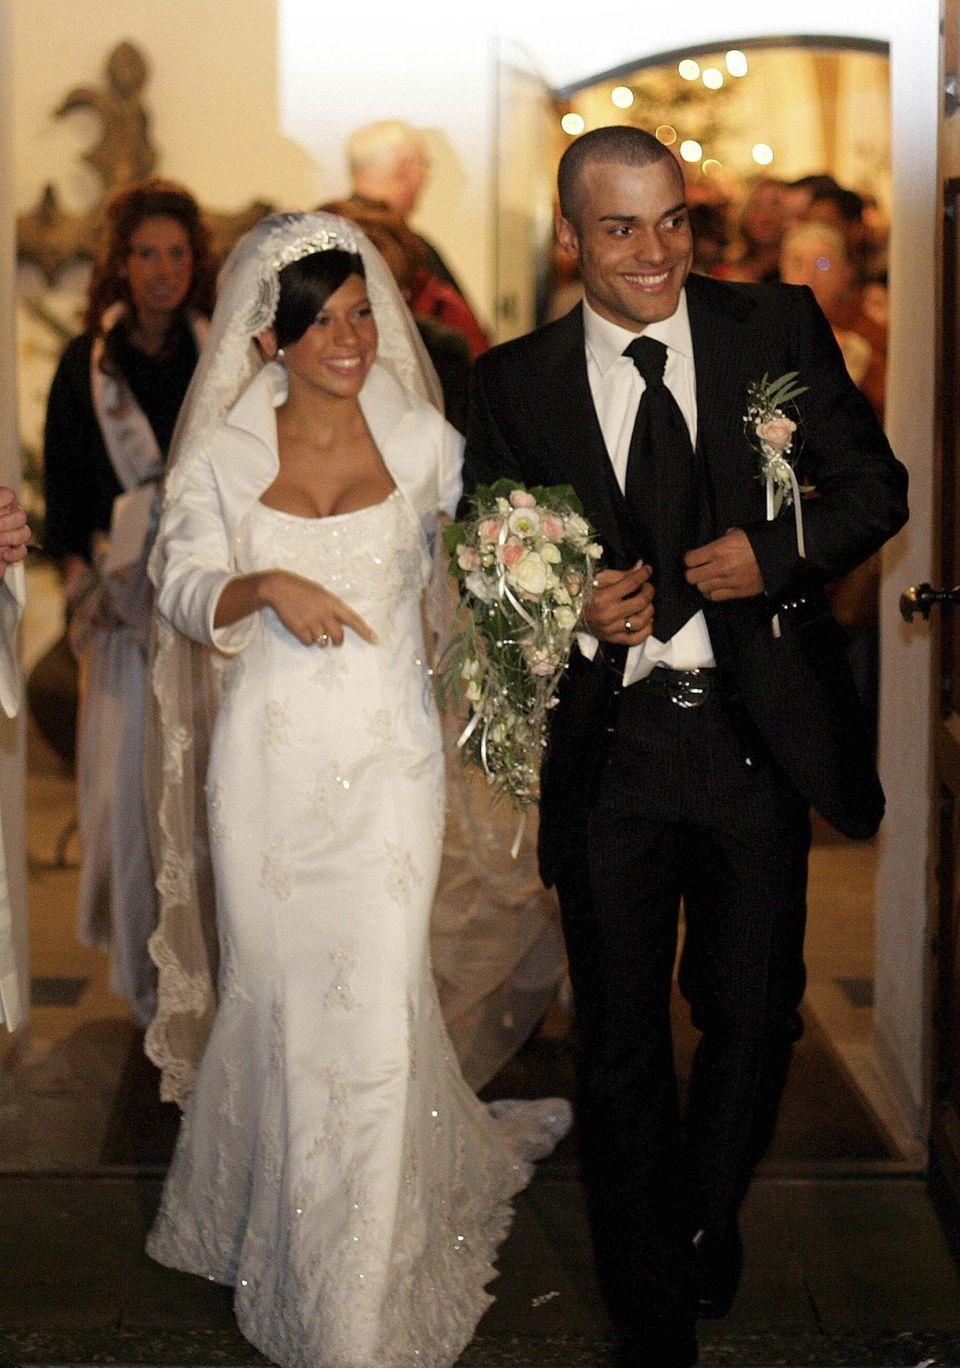 David und Suzan Odonkor2006 bei ihrer Hochzeit in Steinhagen.